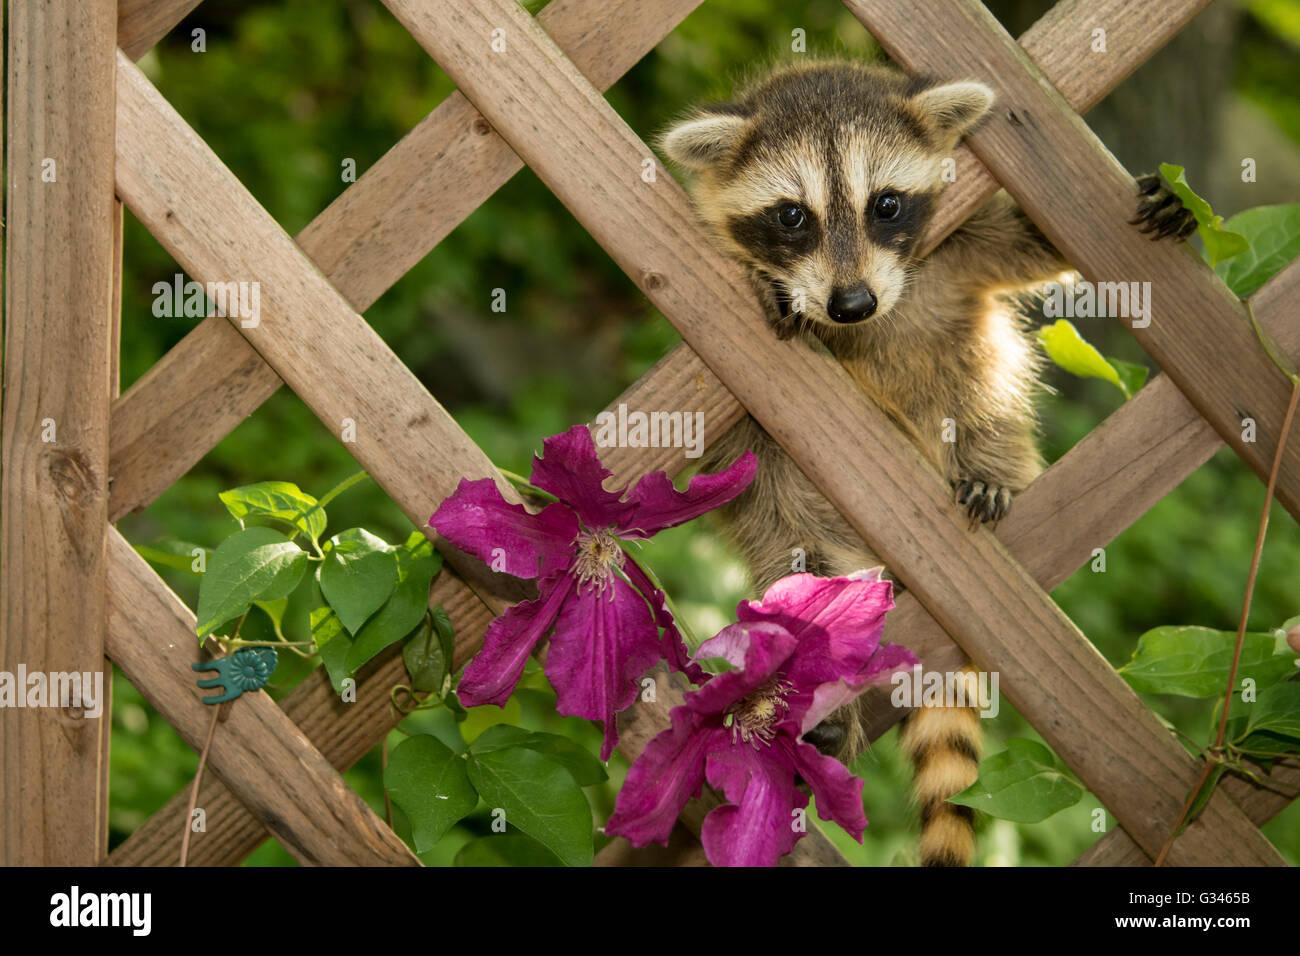 A baby raccoon climbing in the garden - Stock Image